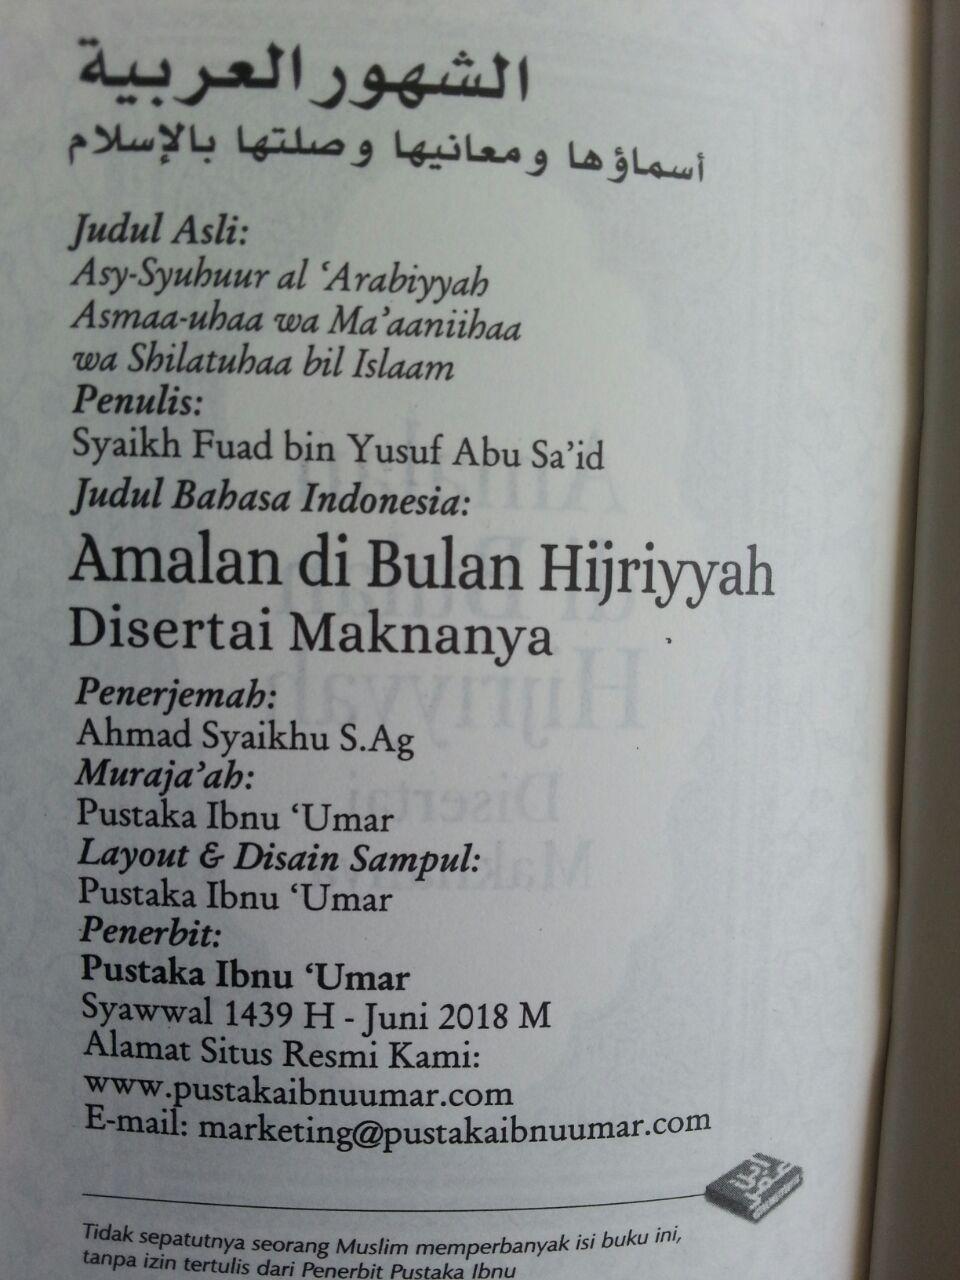 Buku Saku Amalan Di Bulan Hijriyyah Disertai Maknanya isi